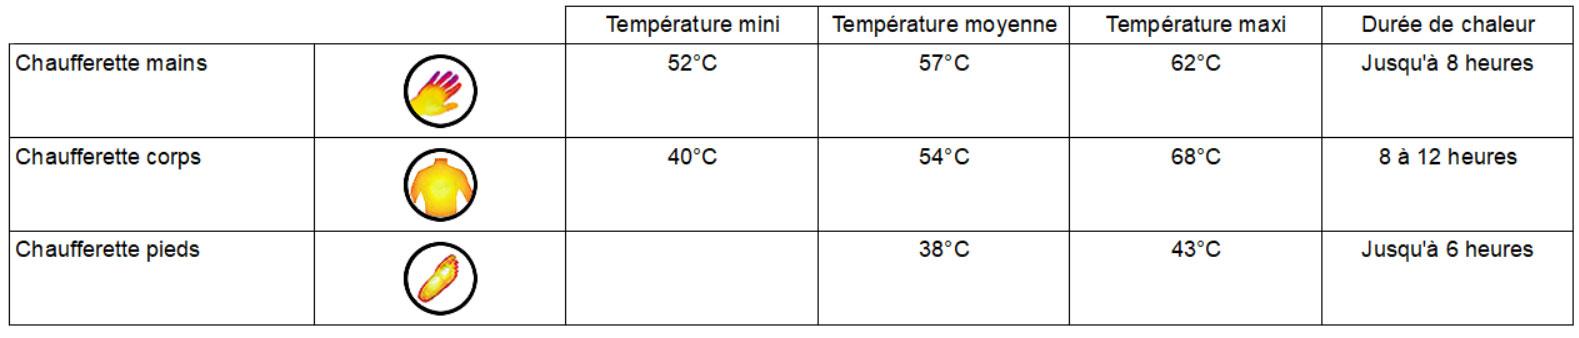 Temperatures heatpax